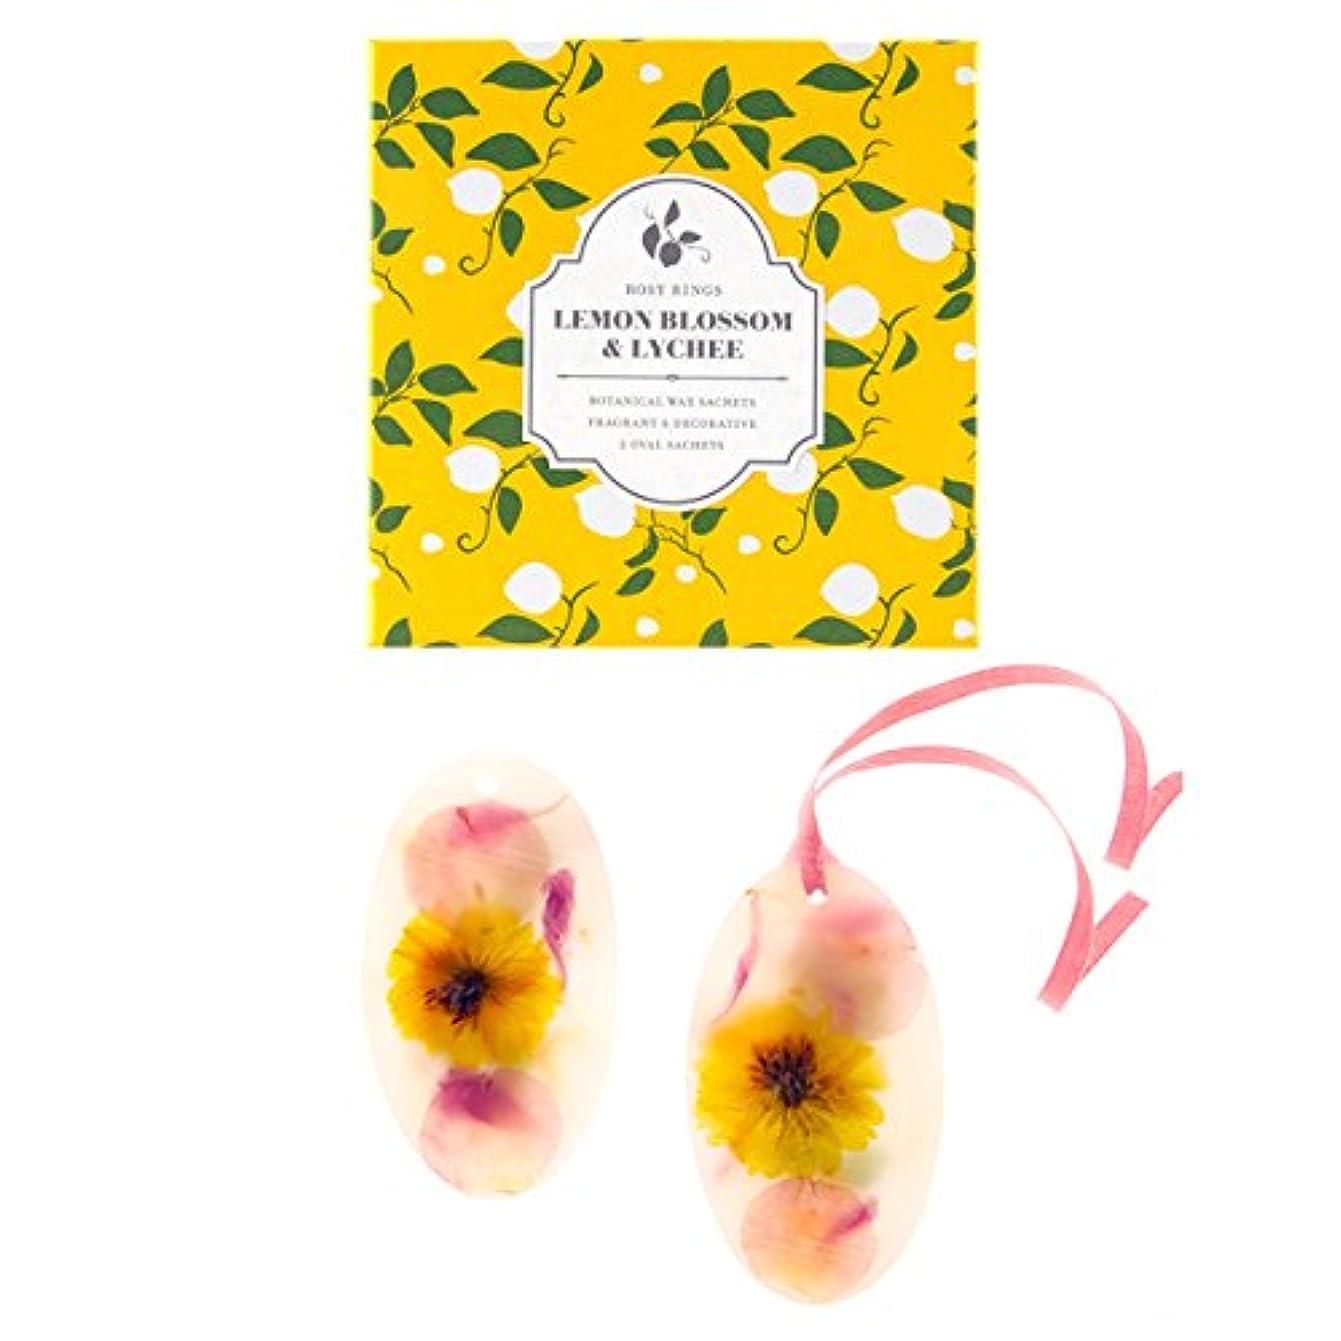 イブ無条件チャームロージーリングス ボタニカルワックスサシェ オーバル レモンブロッサム&ライチ ROSY RINGS Signature Collection Botanical Wax Sachets – Lemon Blossom...